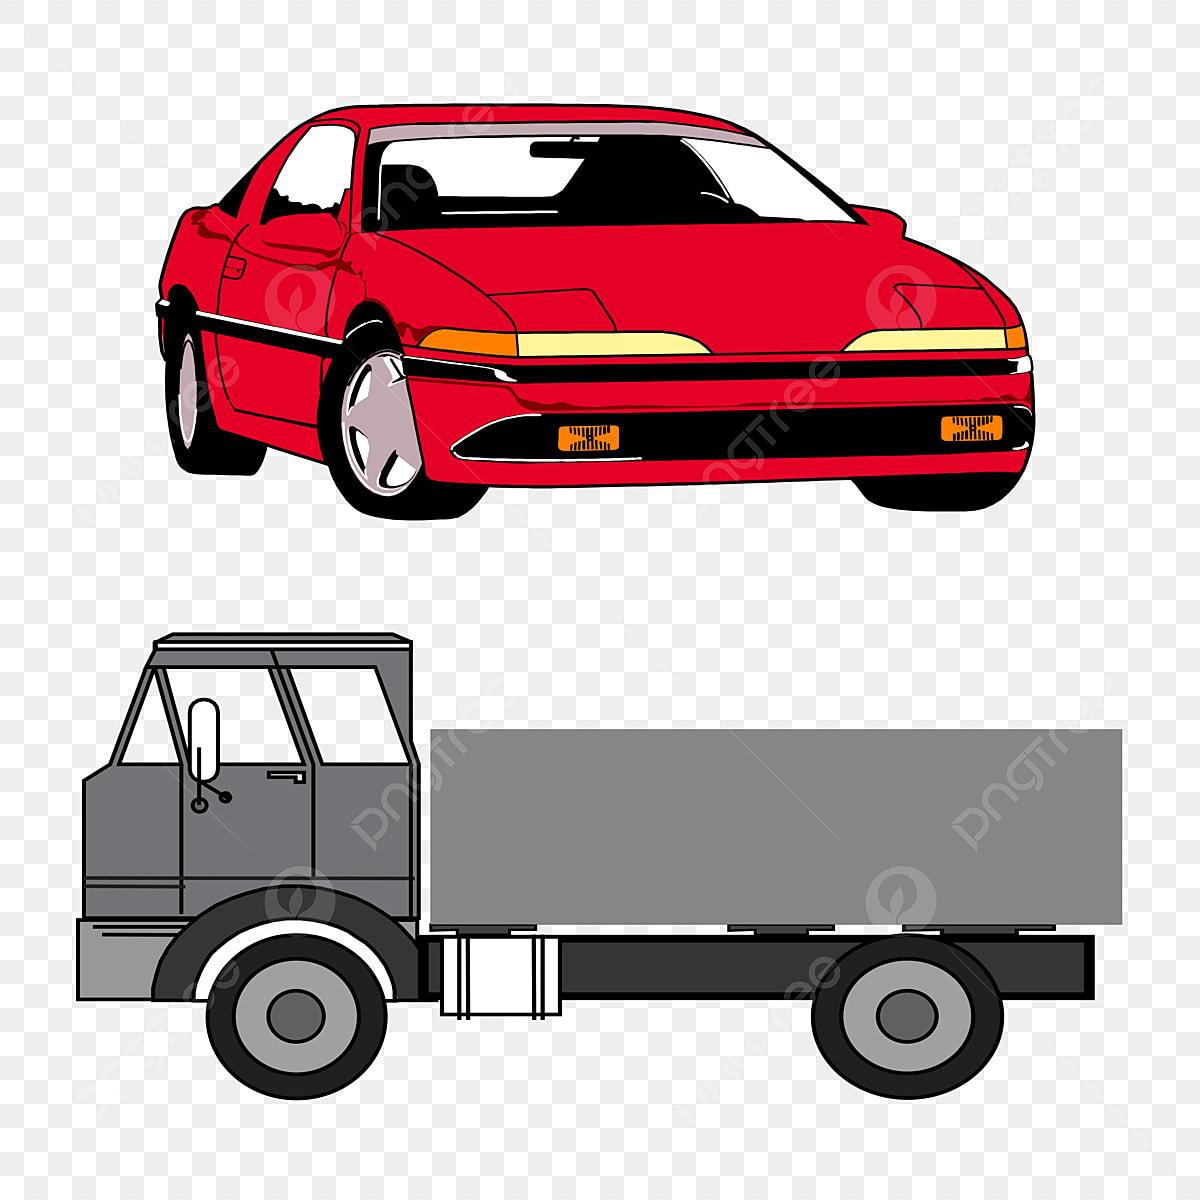 Gambar Kereta Versi Kartun Gambar Kereta Dan Lori Unsur Unsur Kereta Lori Bentuk Png Dan Vektor Untuk Muat Turun Percuma